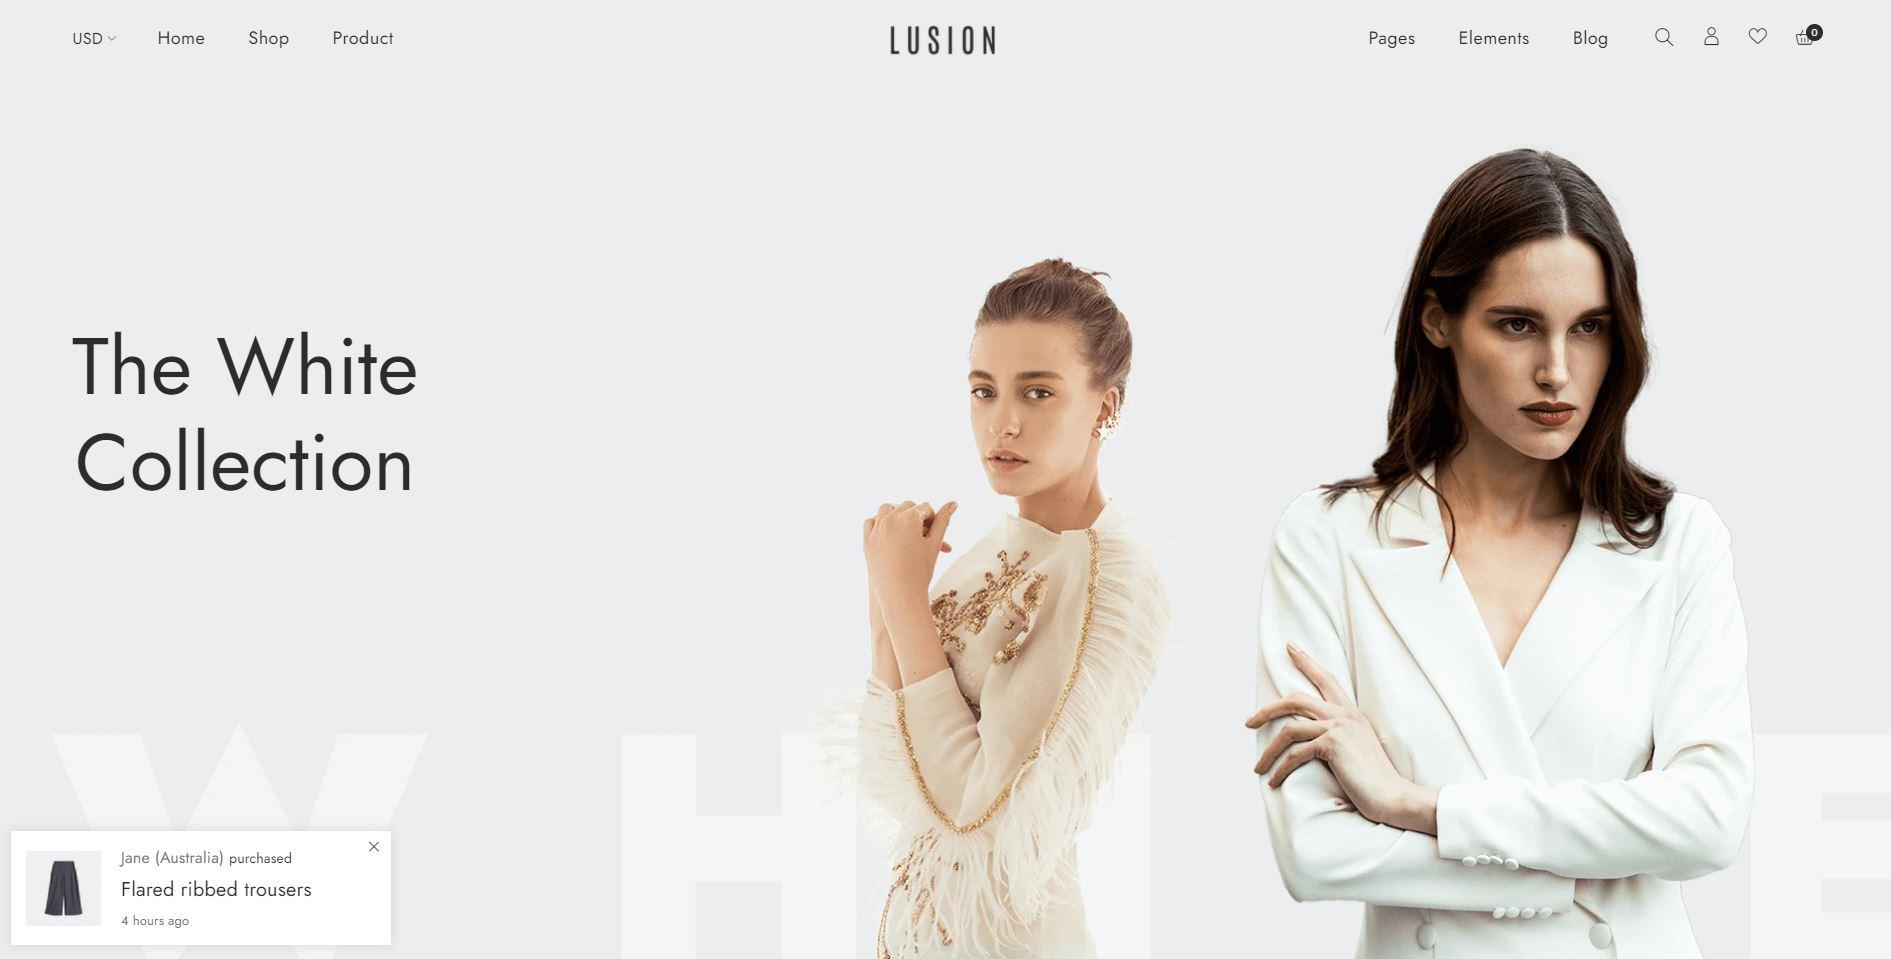 Lusion shopify theme